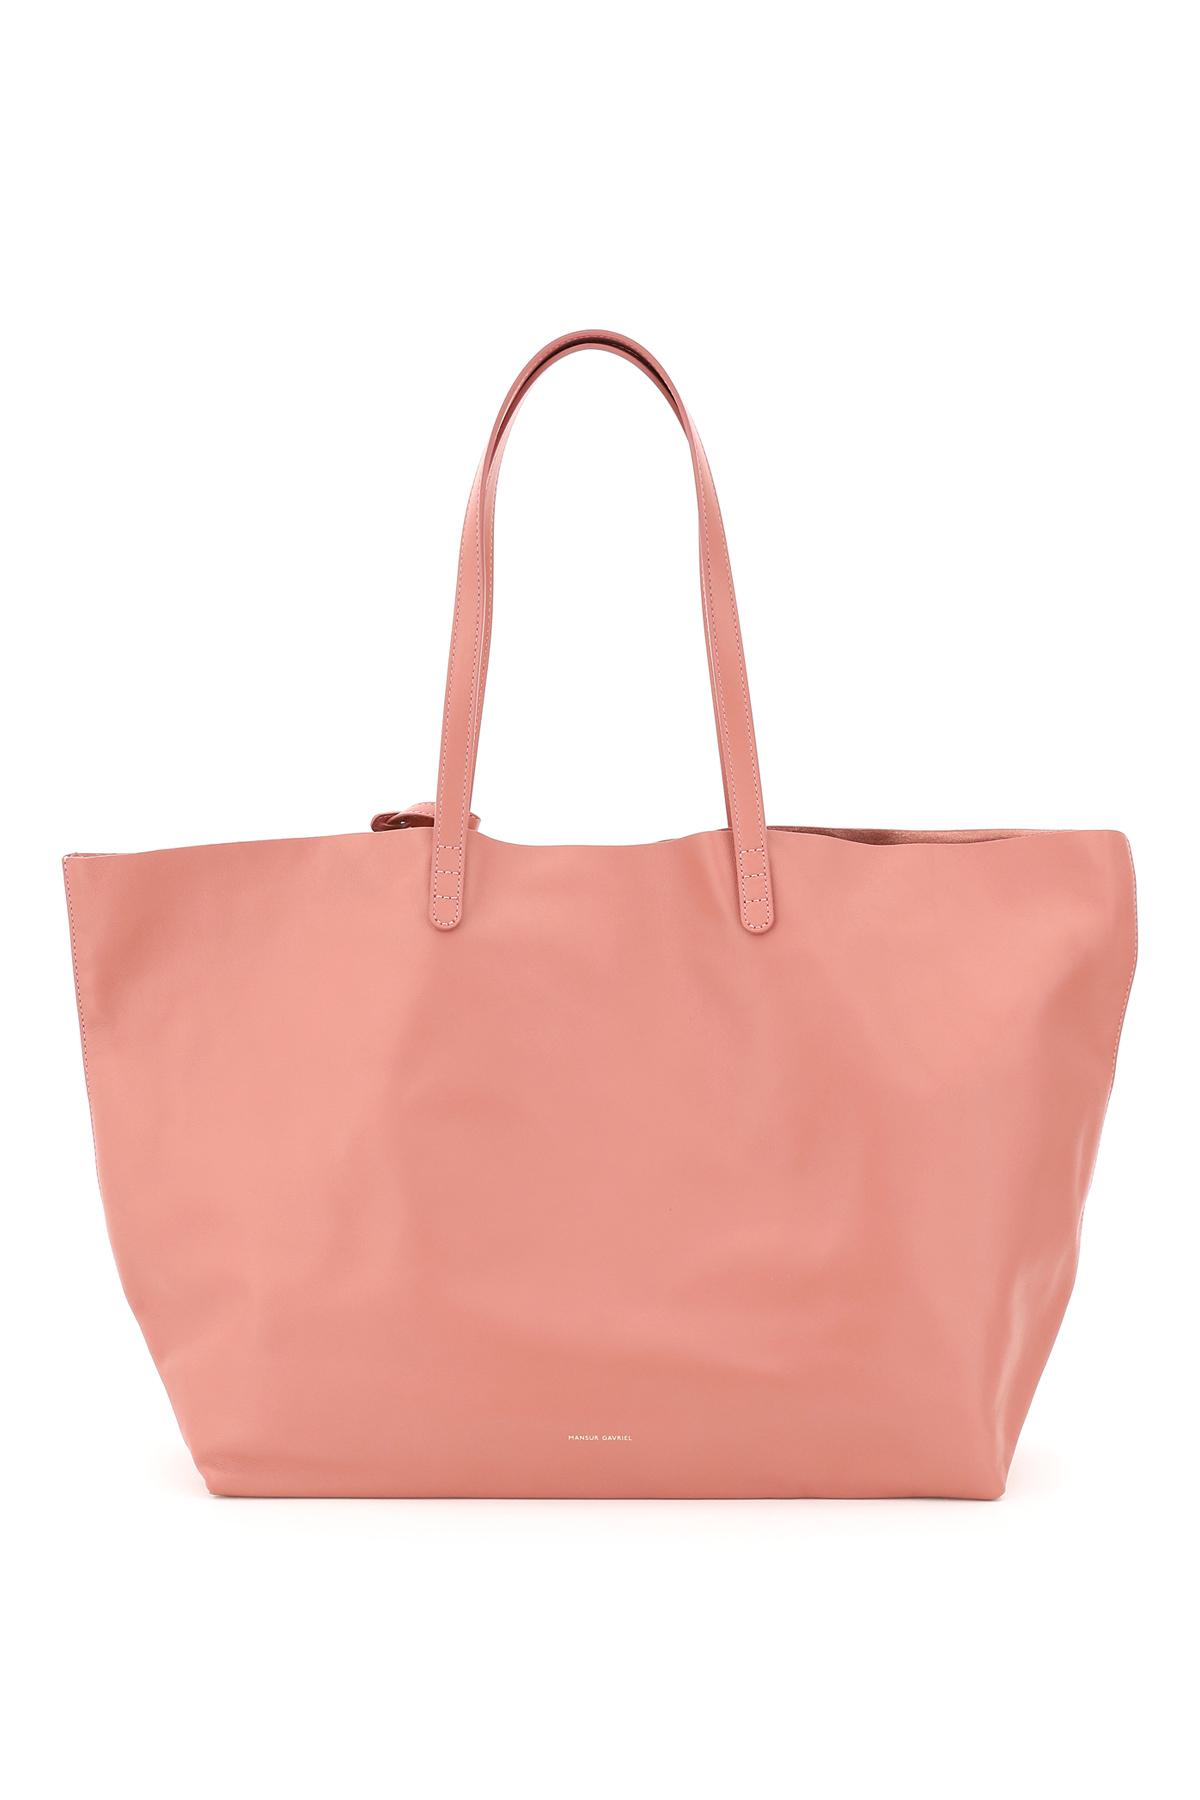 MANSUR GAVRIEL OVERSIZE NAPPA TOTE BAG OS Pink Leather